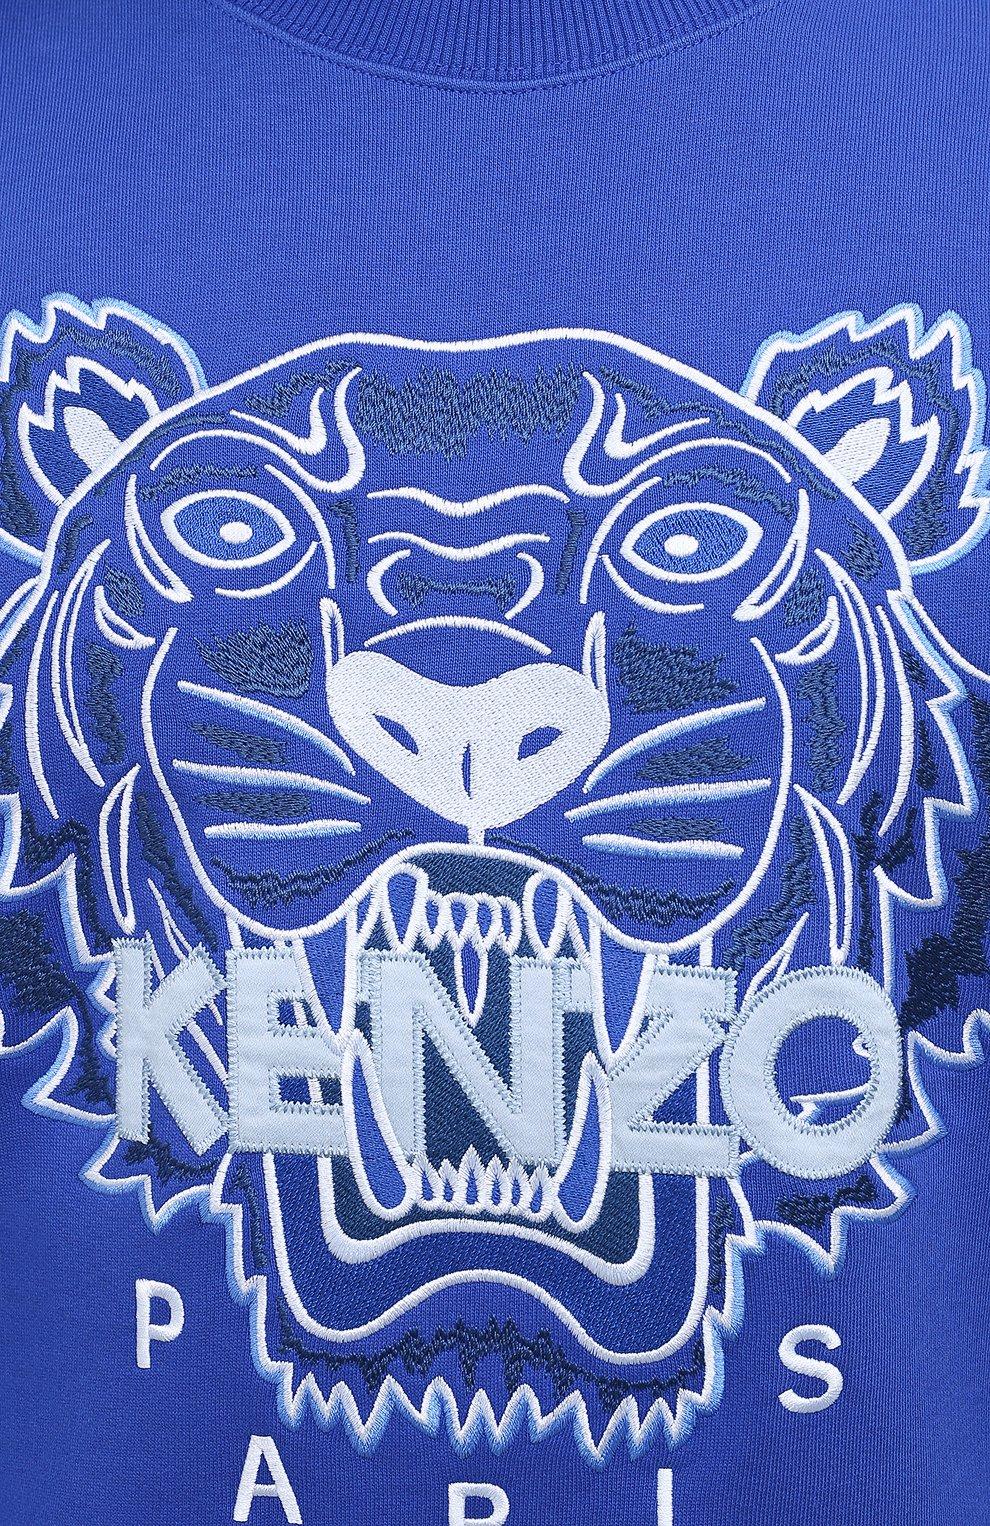 Мужской хлопковый свитшот KENZO синего цвета, арт. FB55SW1104XA   Фото 5 (Рукава: Длинные; Длина (для топов): Стандартные; Стили: Гранж; Принт: С принтом; Мужское Кросс-КТ: свитшот-одежда; Материал внешний: Хлопок)